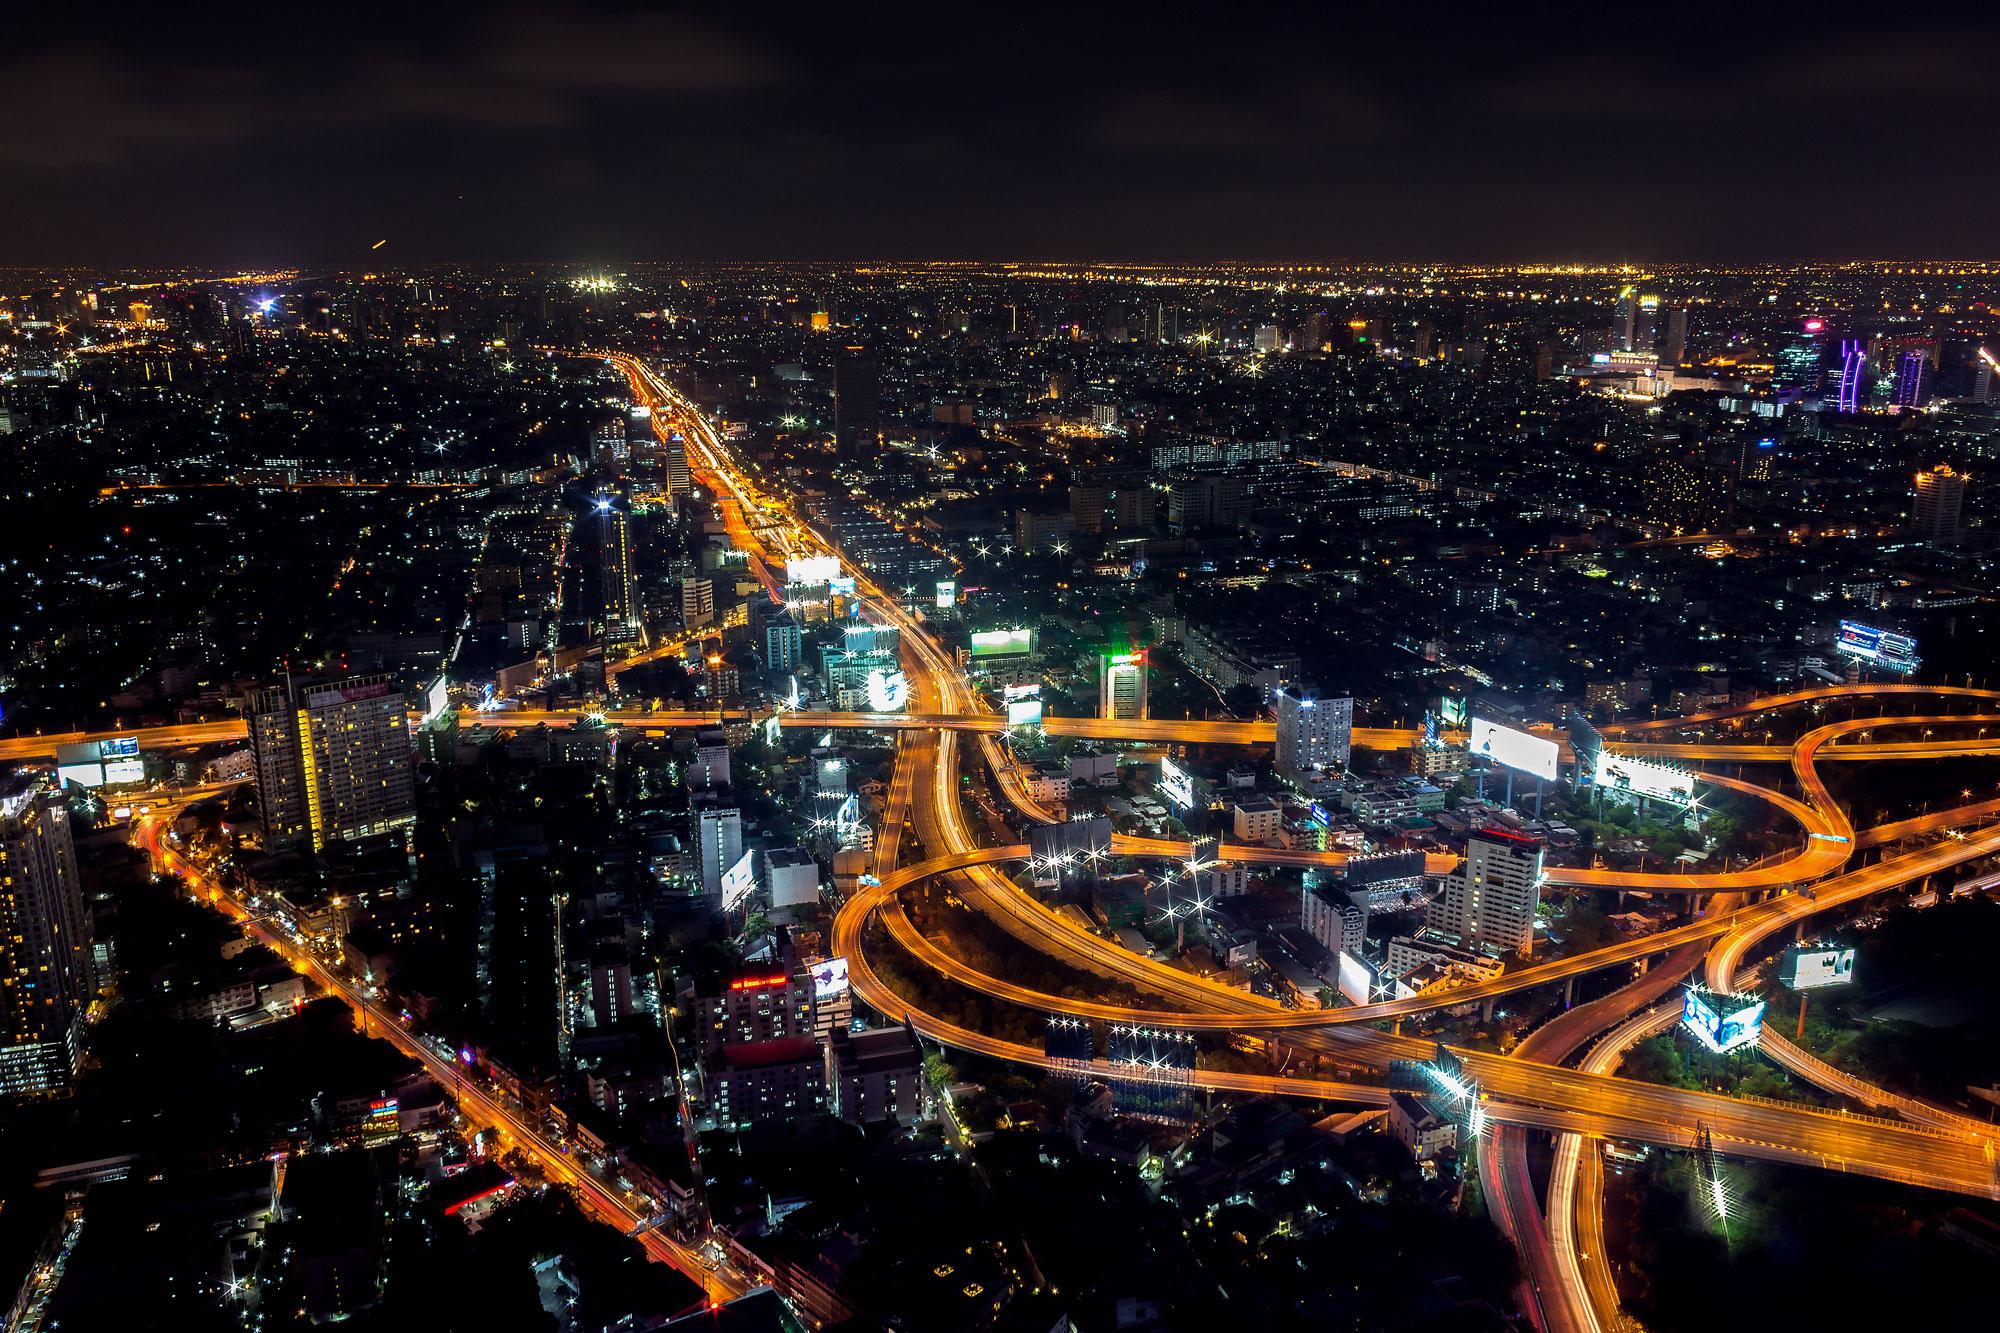 Полет в ночном городе картинка